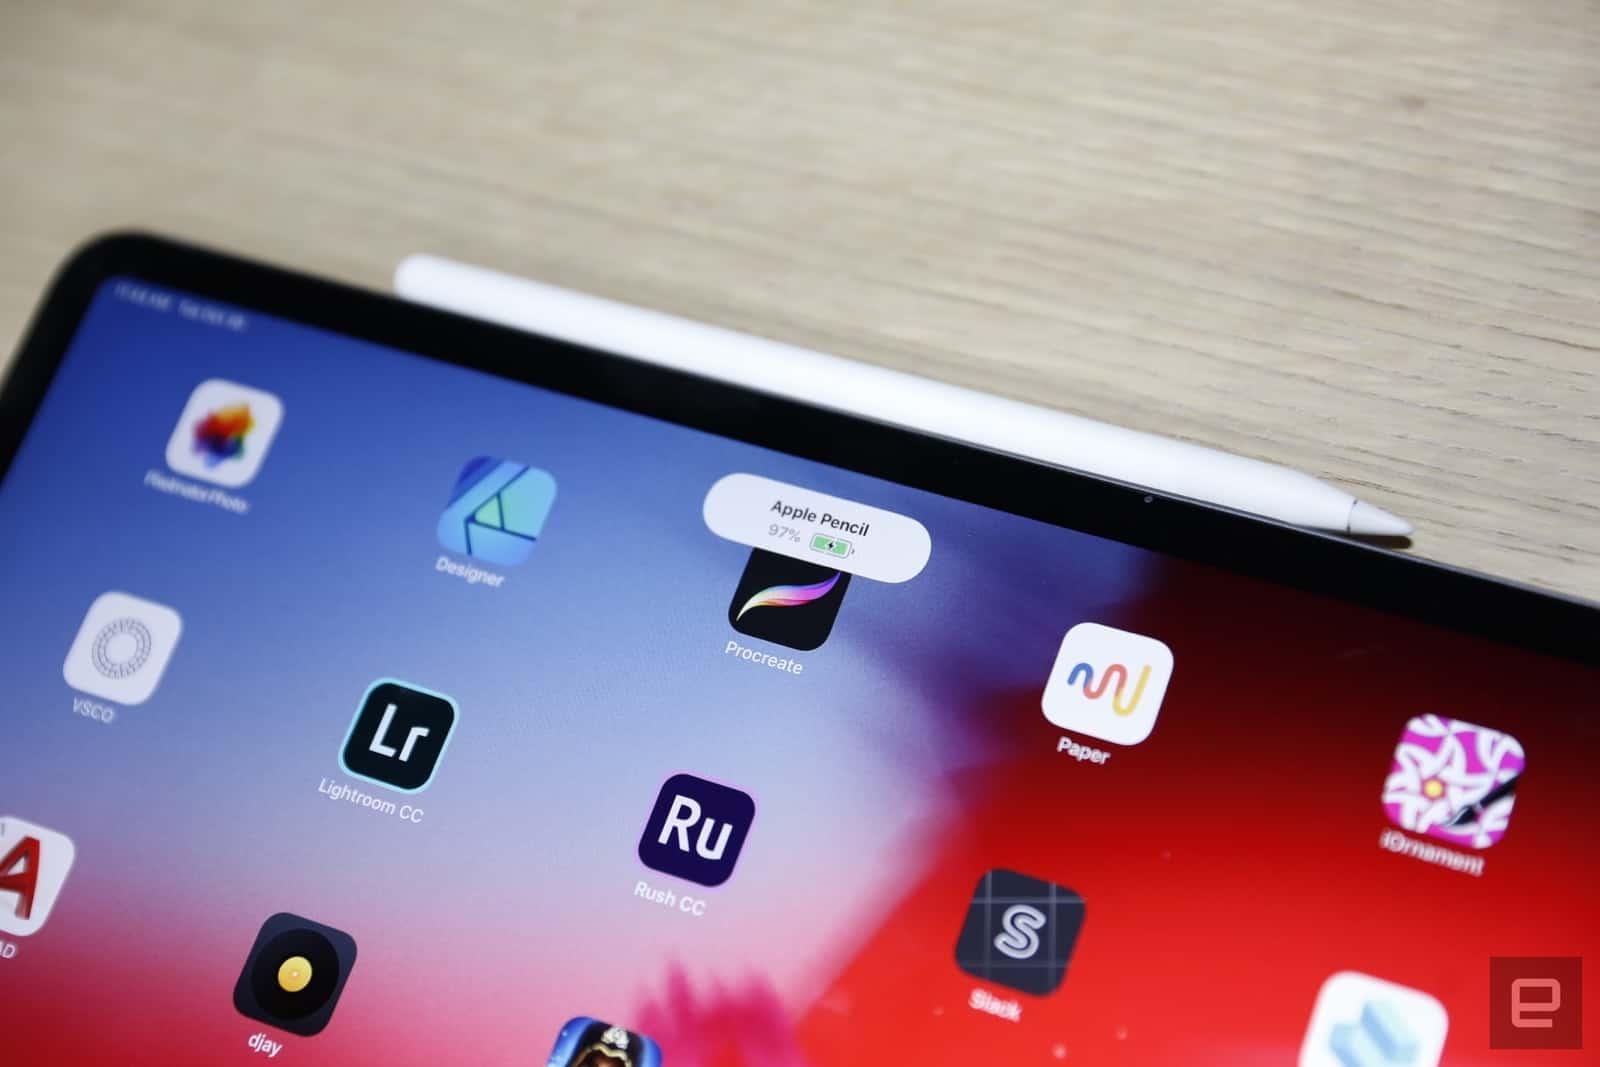 【iPad Pro 2018】三分鐘睇盡外媒真機評測 - 香港 unwire.hk